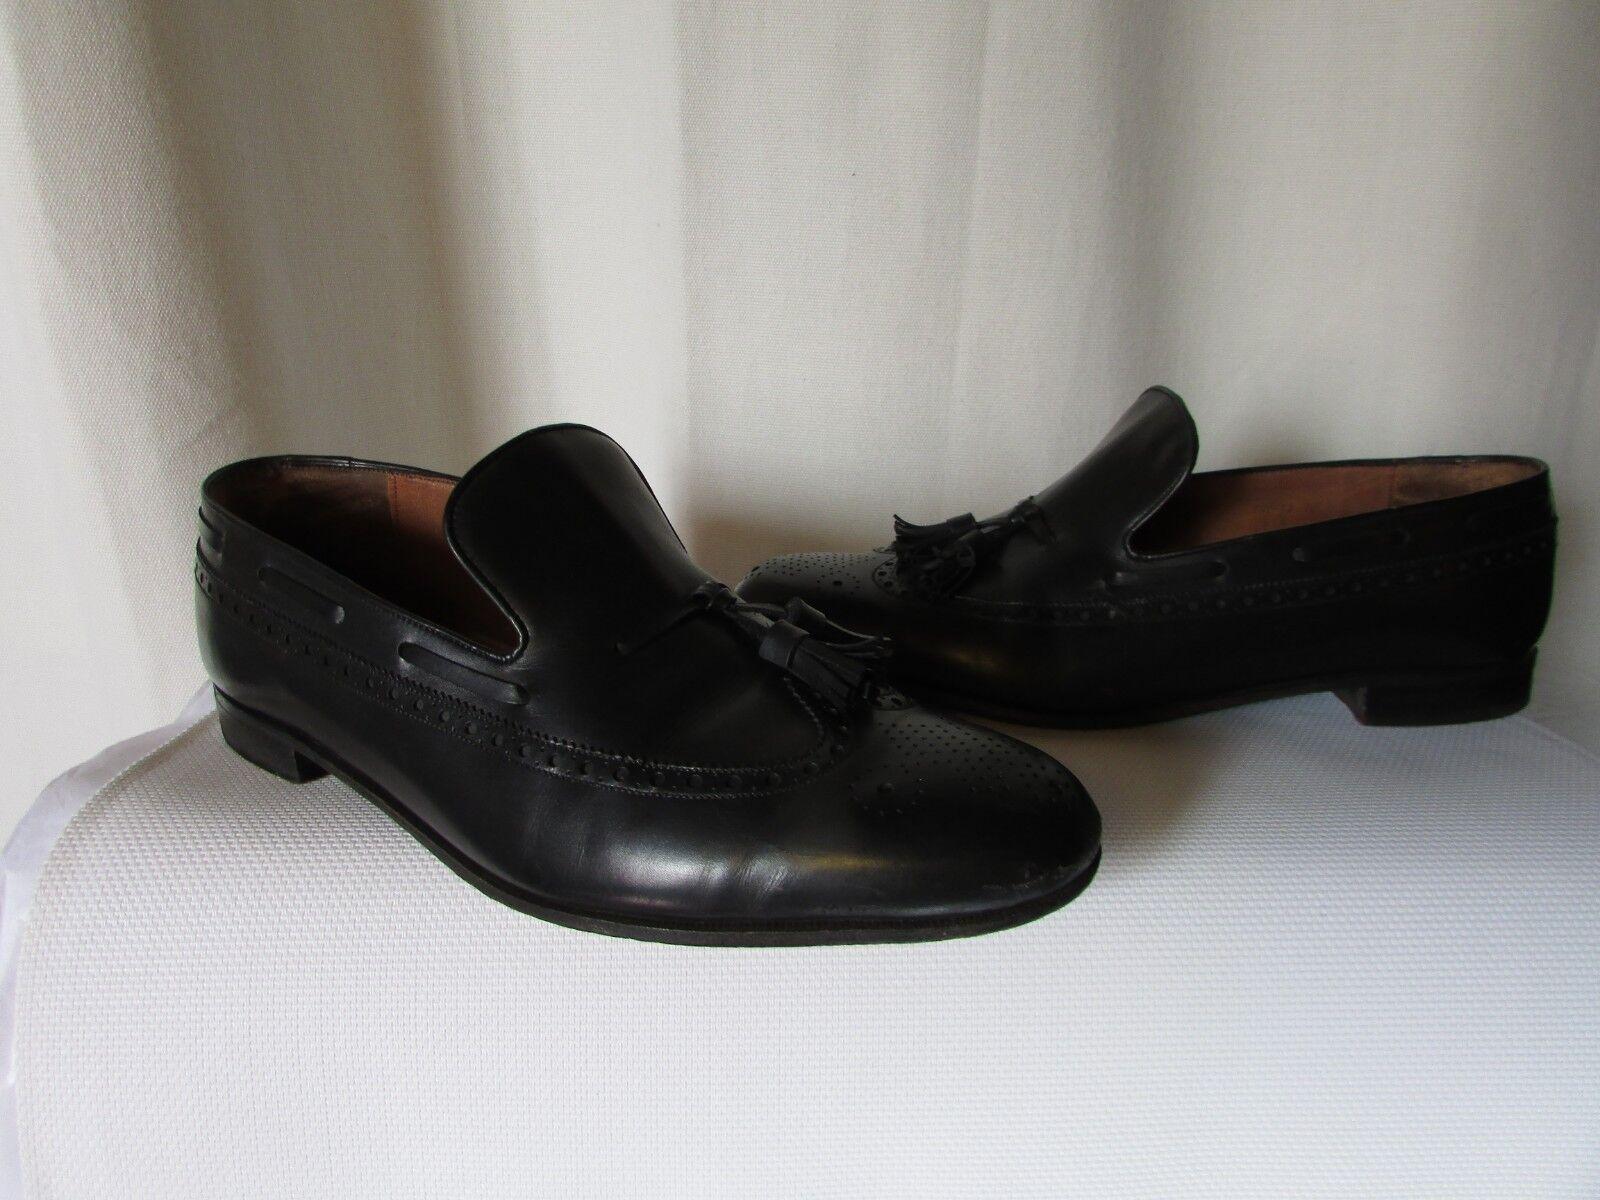 trova il tuo preferito qui Mocassini vintage weston pelle nera numero numero numero 9E  vendita scontata online di factory outlet